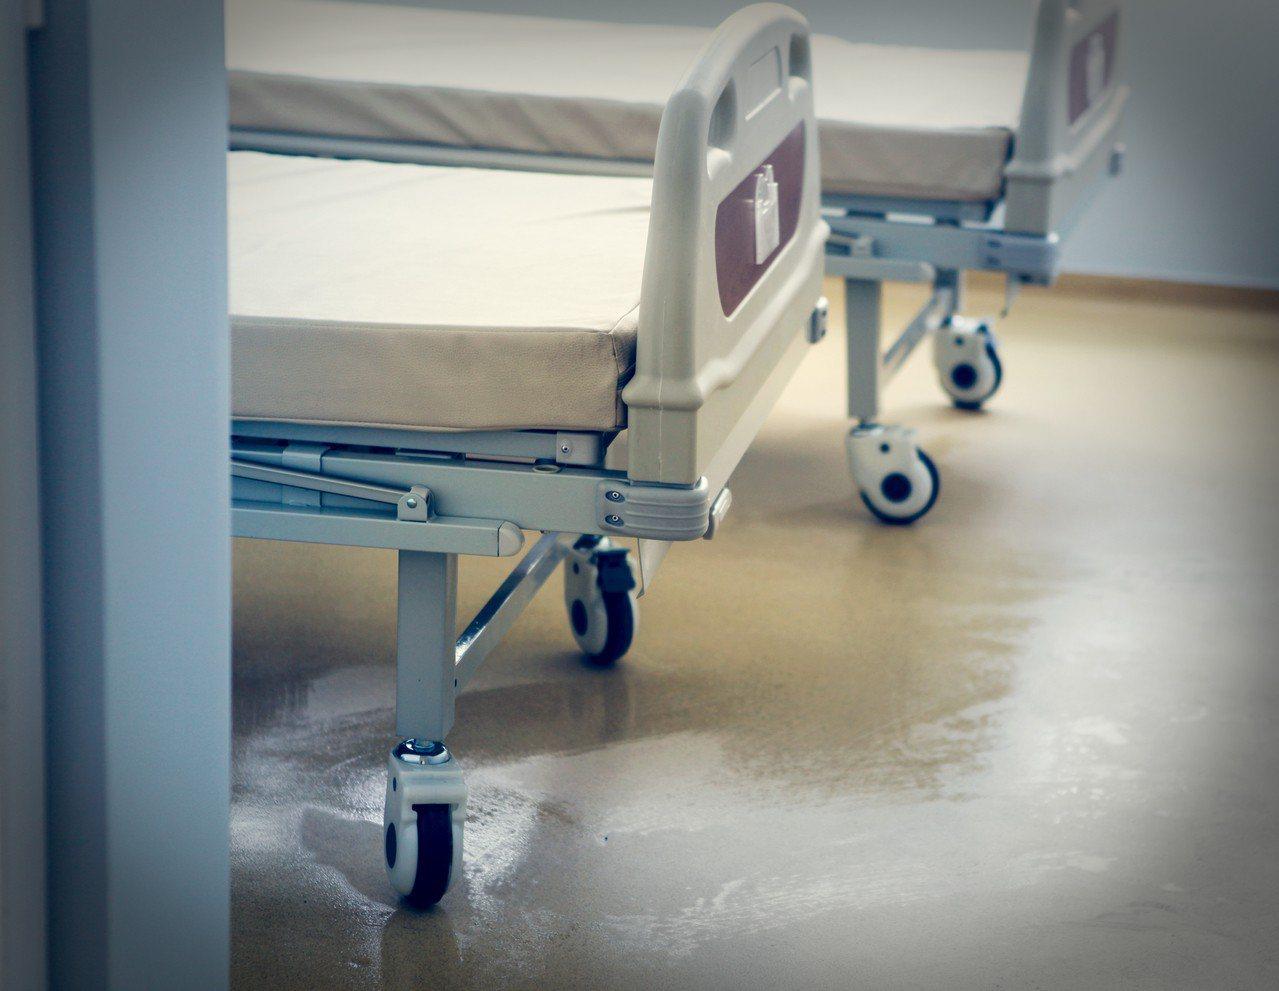 跨性別男子因嚴重腹痛送醫,護士未將他歸類於病情緊急的狀況,結果「胎死腹中」的悲劇...